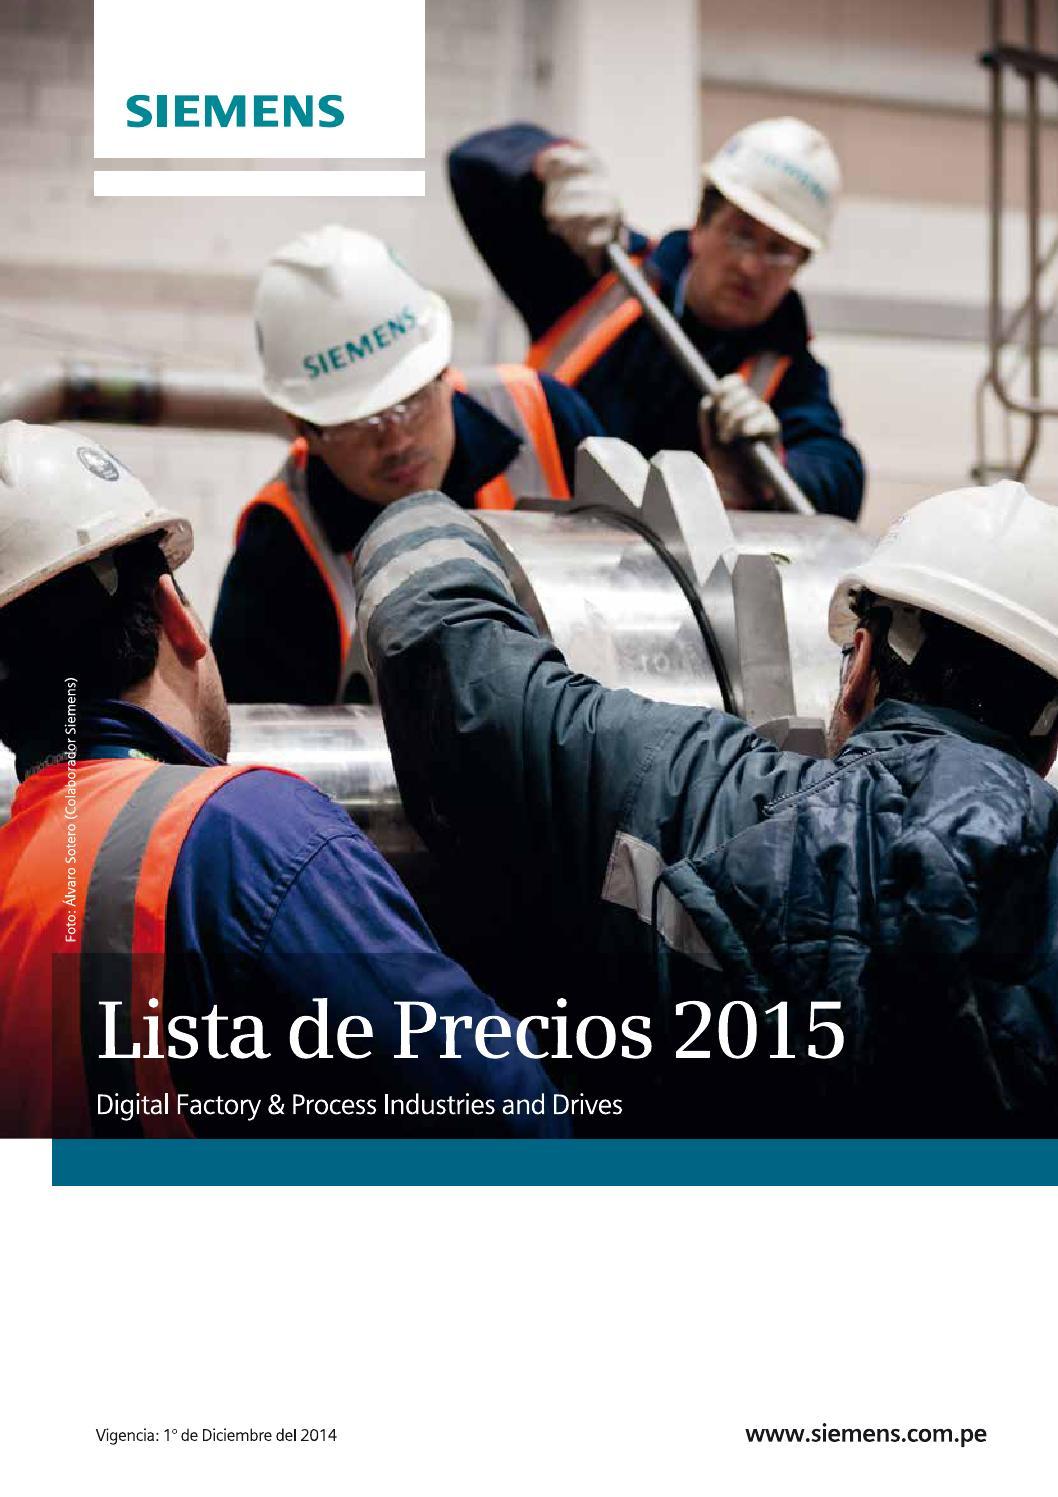 Lista De Precios Siemens Diciembre 2015 By Enriquegrande